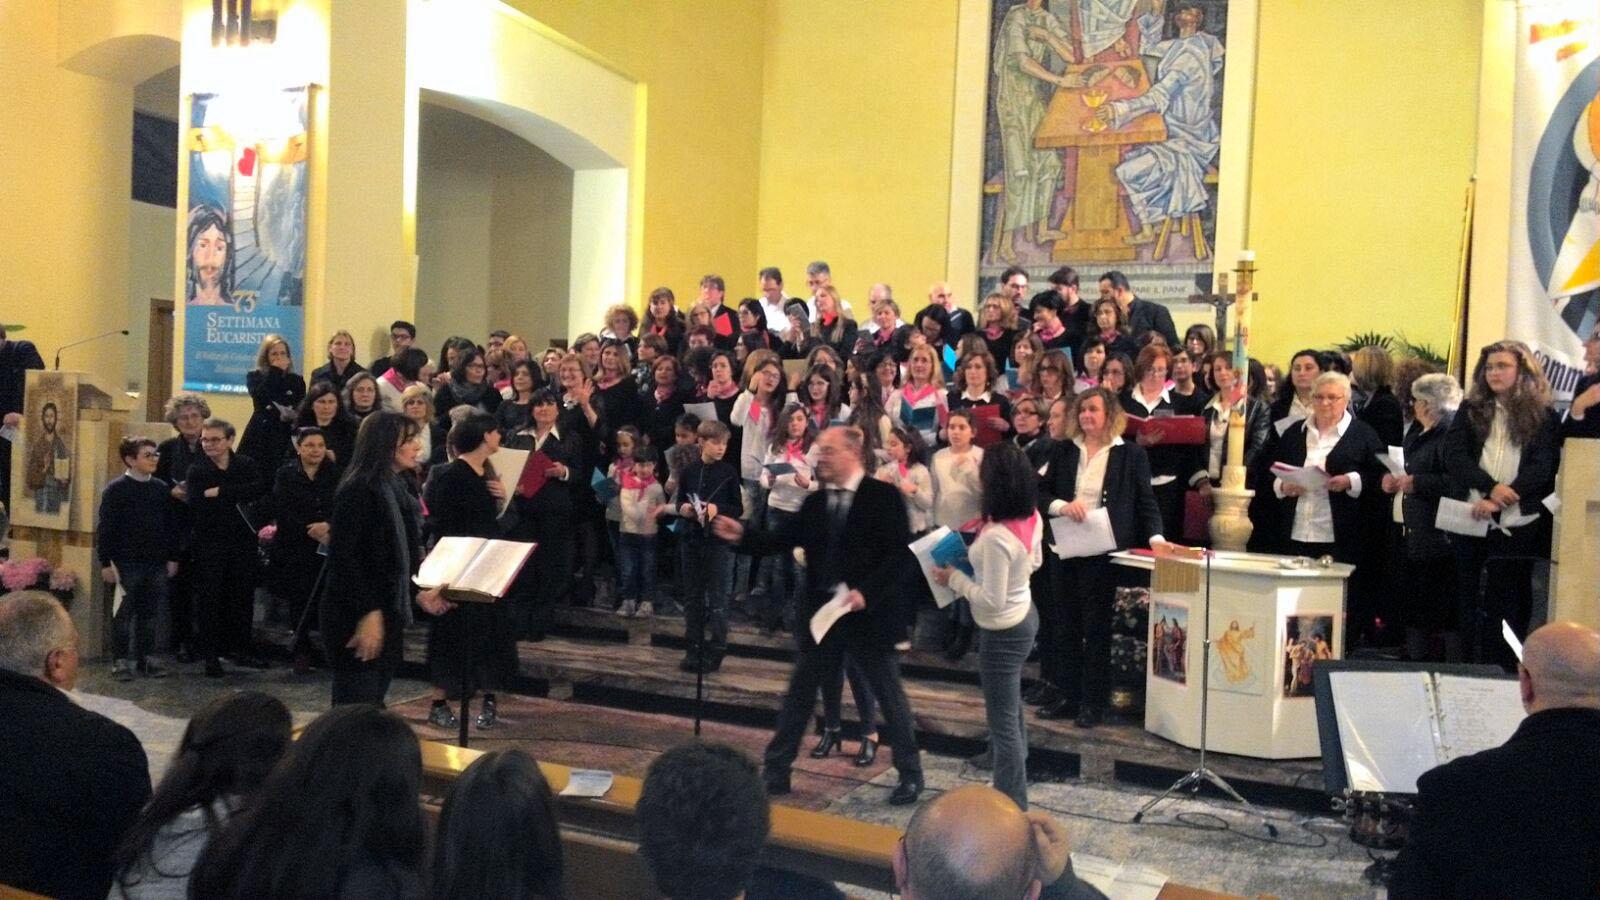 coro parrocchiale san niccolò serata di prova